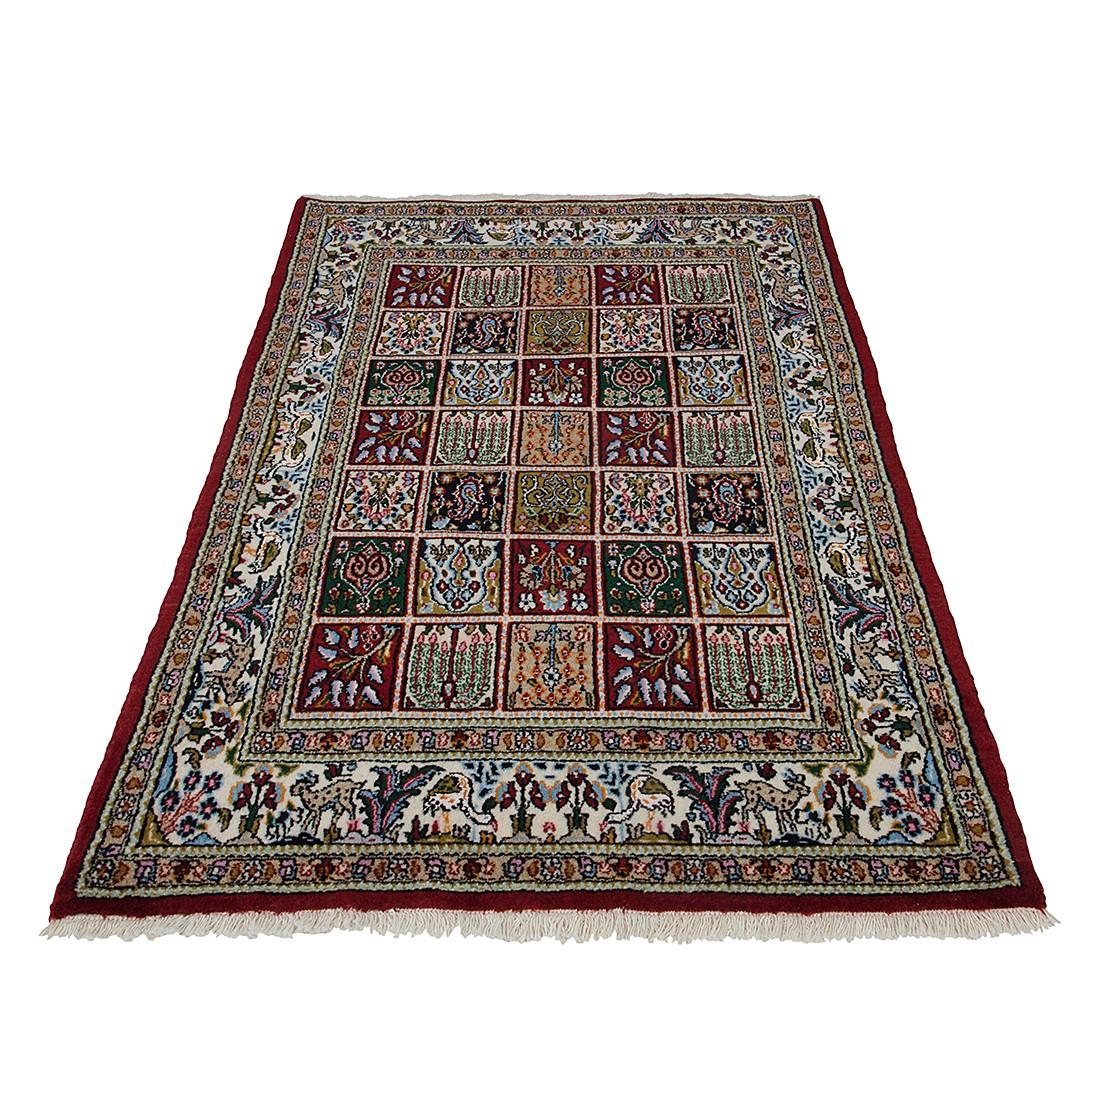 Teppich Felder Moud – Beige – 80 x 200 cm, Parwis günstig bestellen